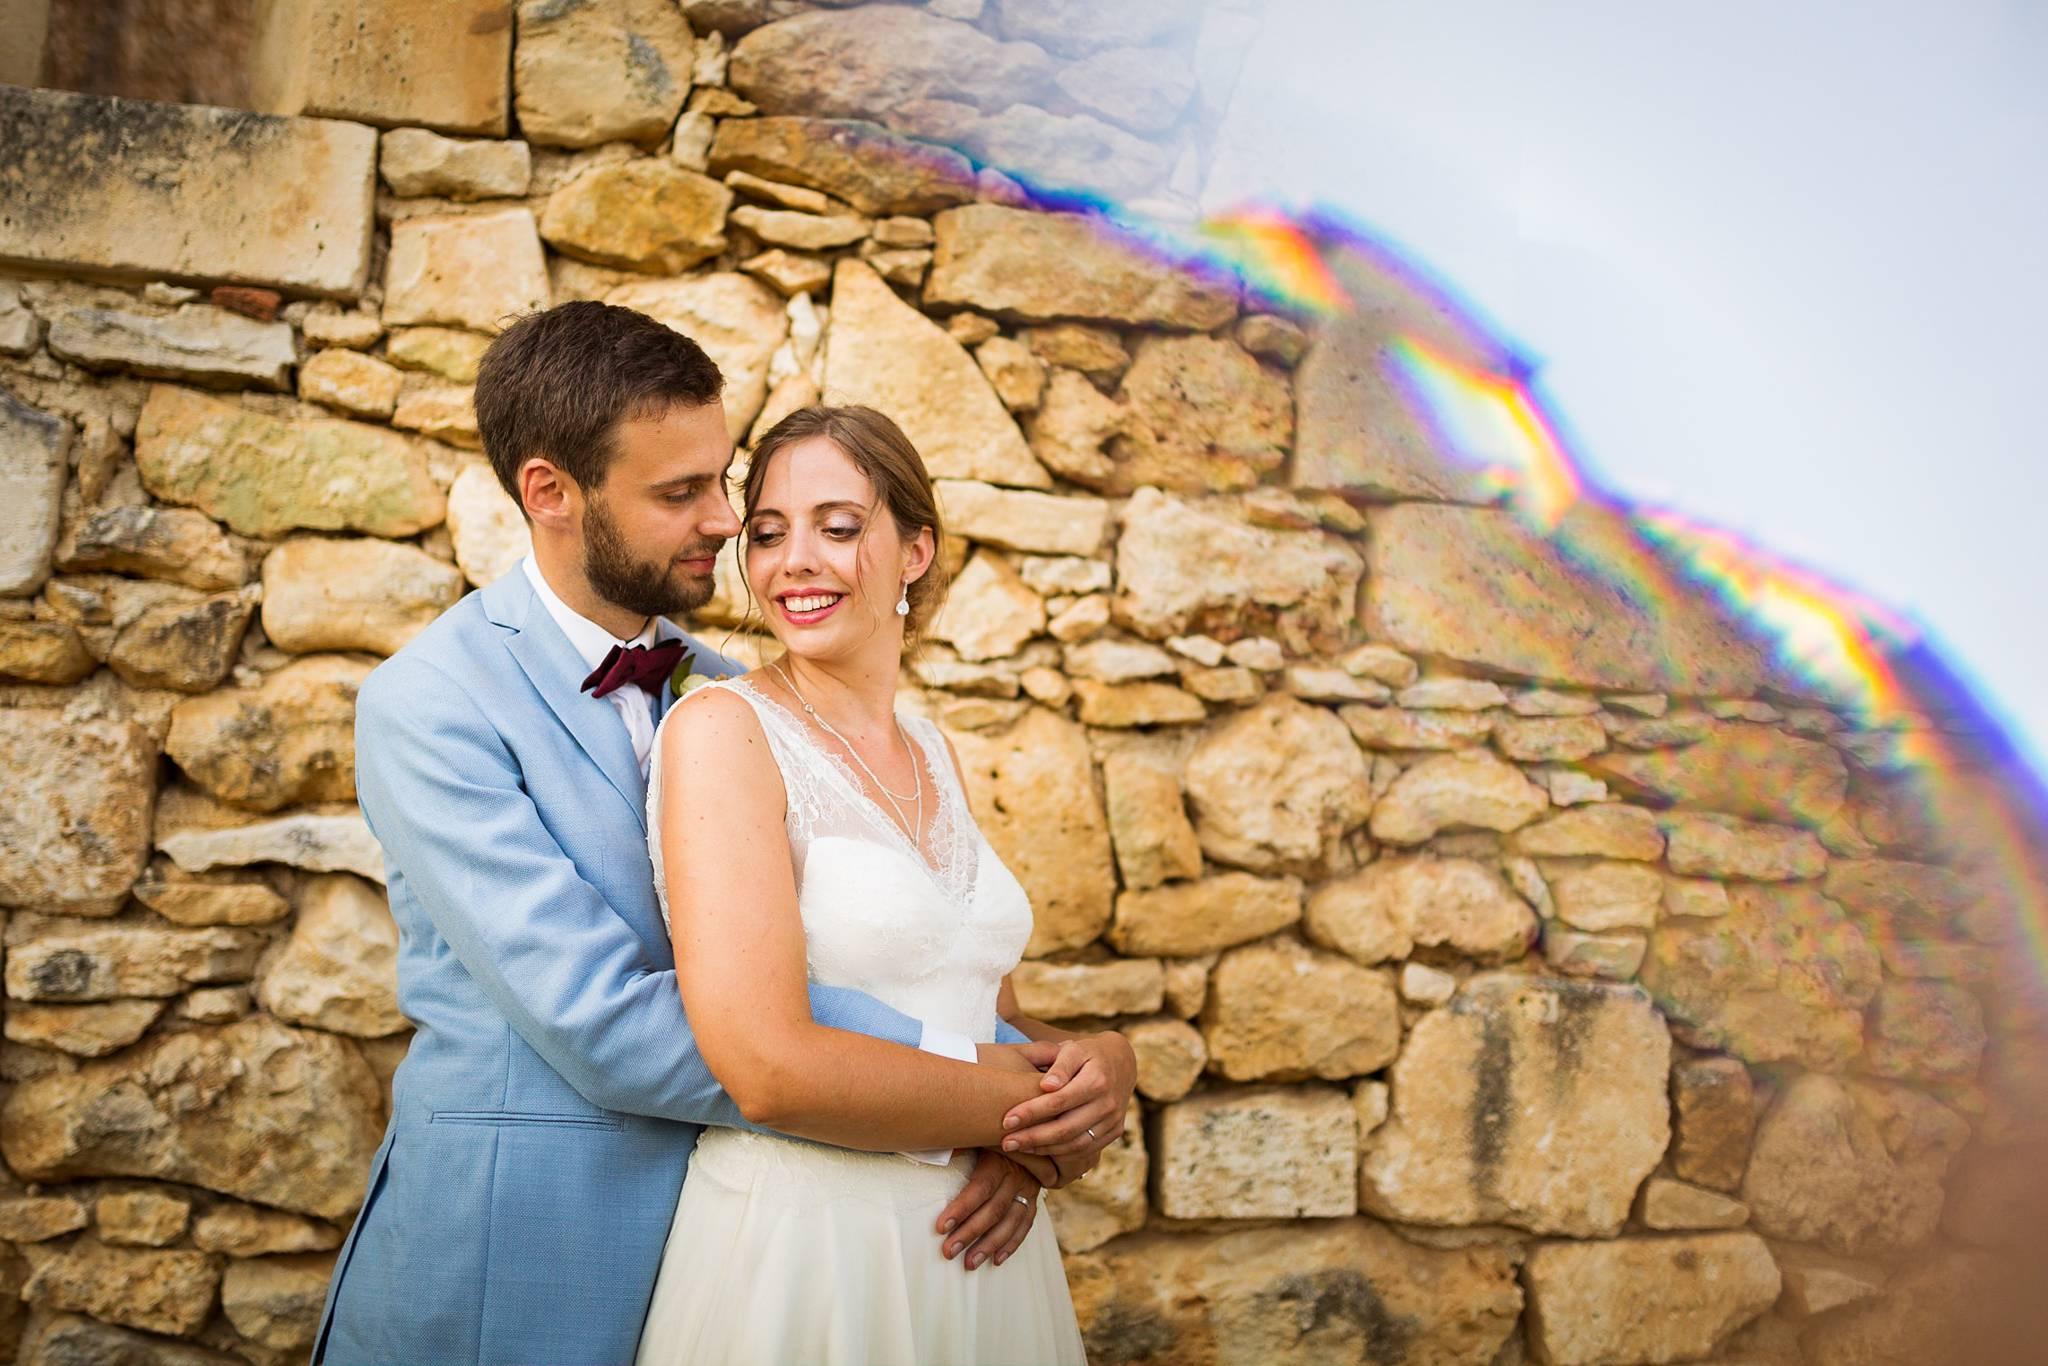 Aperçu des photos de mariages aventurières de Valérie et Adrien au Domaine de Montplaisir en Dordogne, et de leur photobooth mariage. Photographe mariage Dordogne.